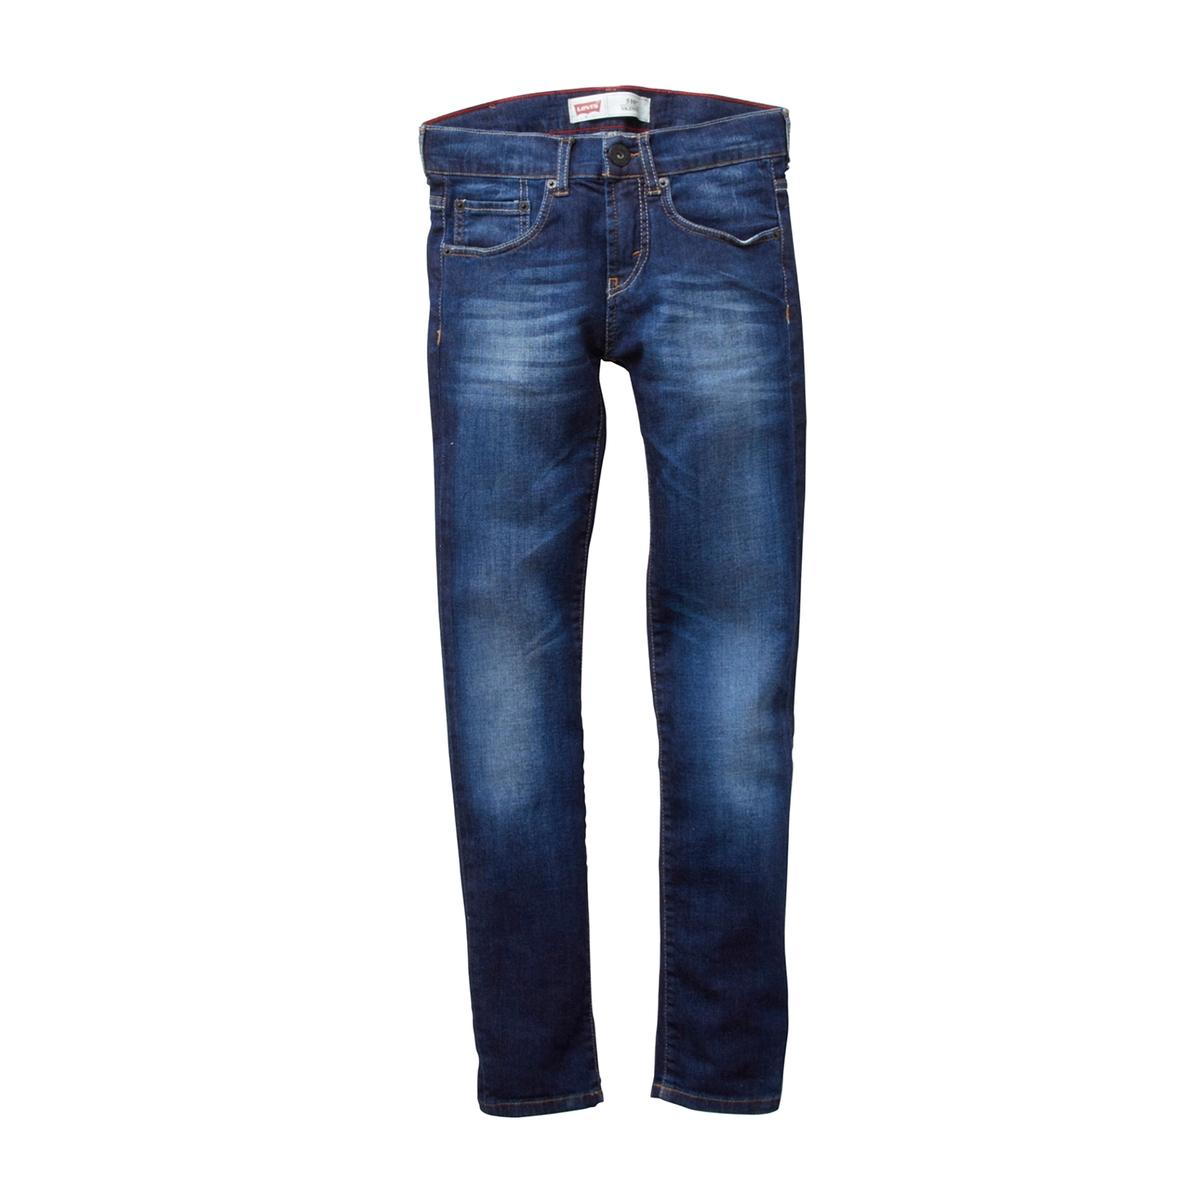 Jeans Skinny taglio 510 3 -16 anni